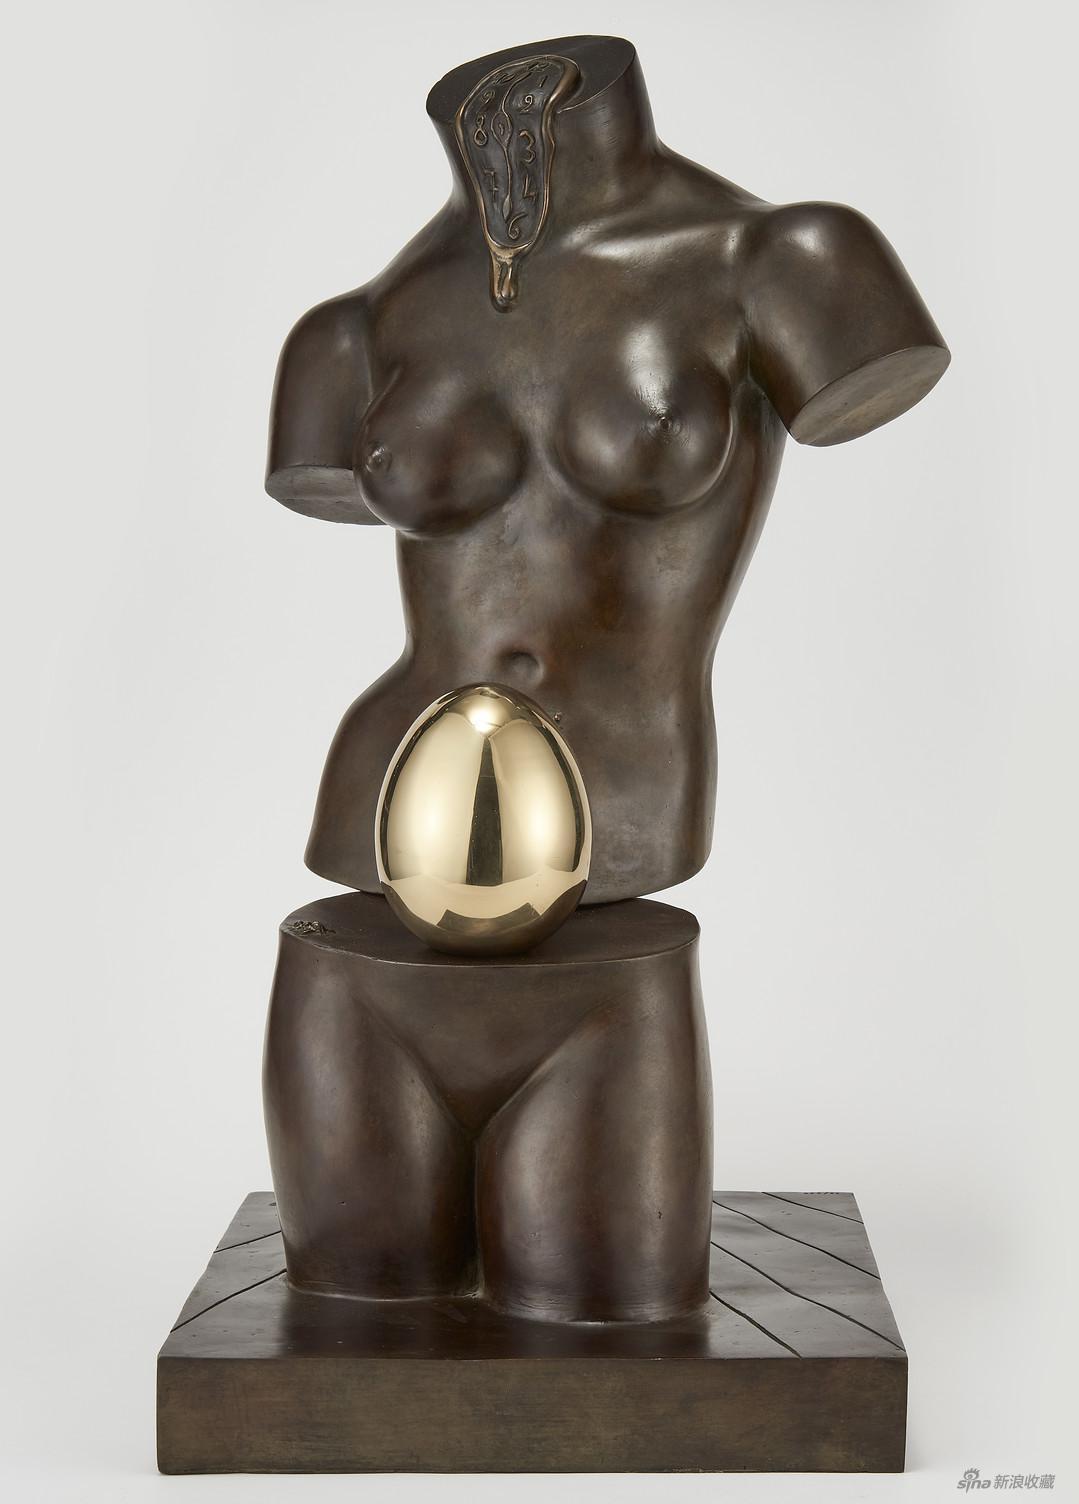 《维纳斯》,萨尔瓦多・达利,铸铜,来自纽约佛瑞曼